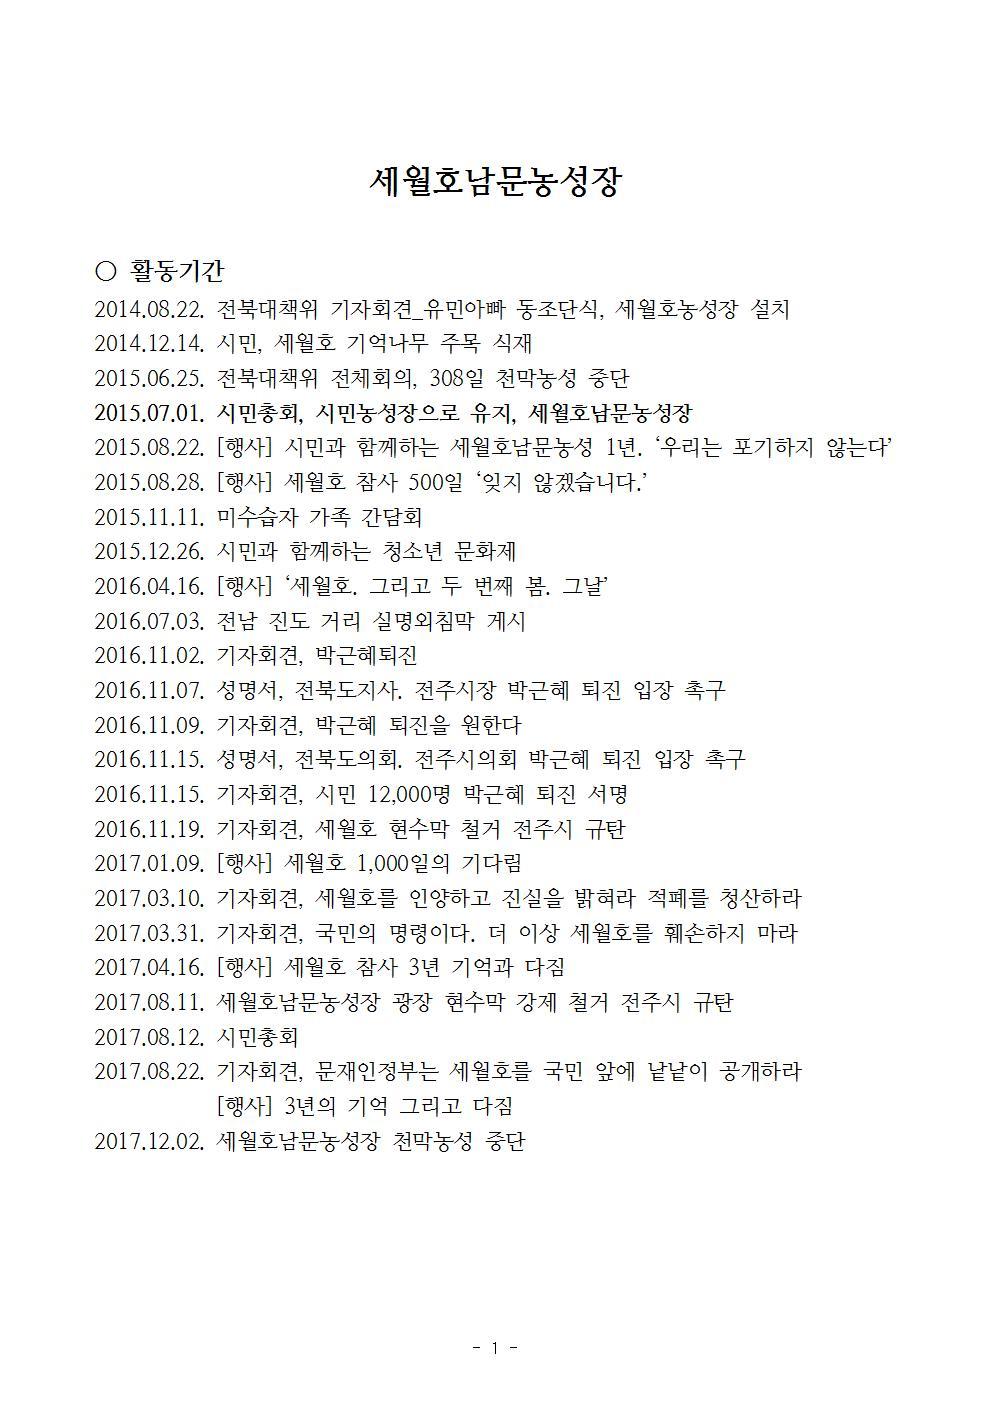 1197일 세월호남문농성장(2014.8.22-2017.12.2) 활동 그리고 새로운 시작1001.jpg